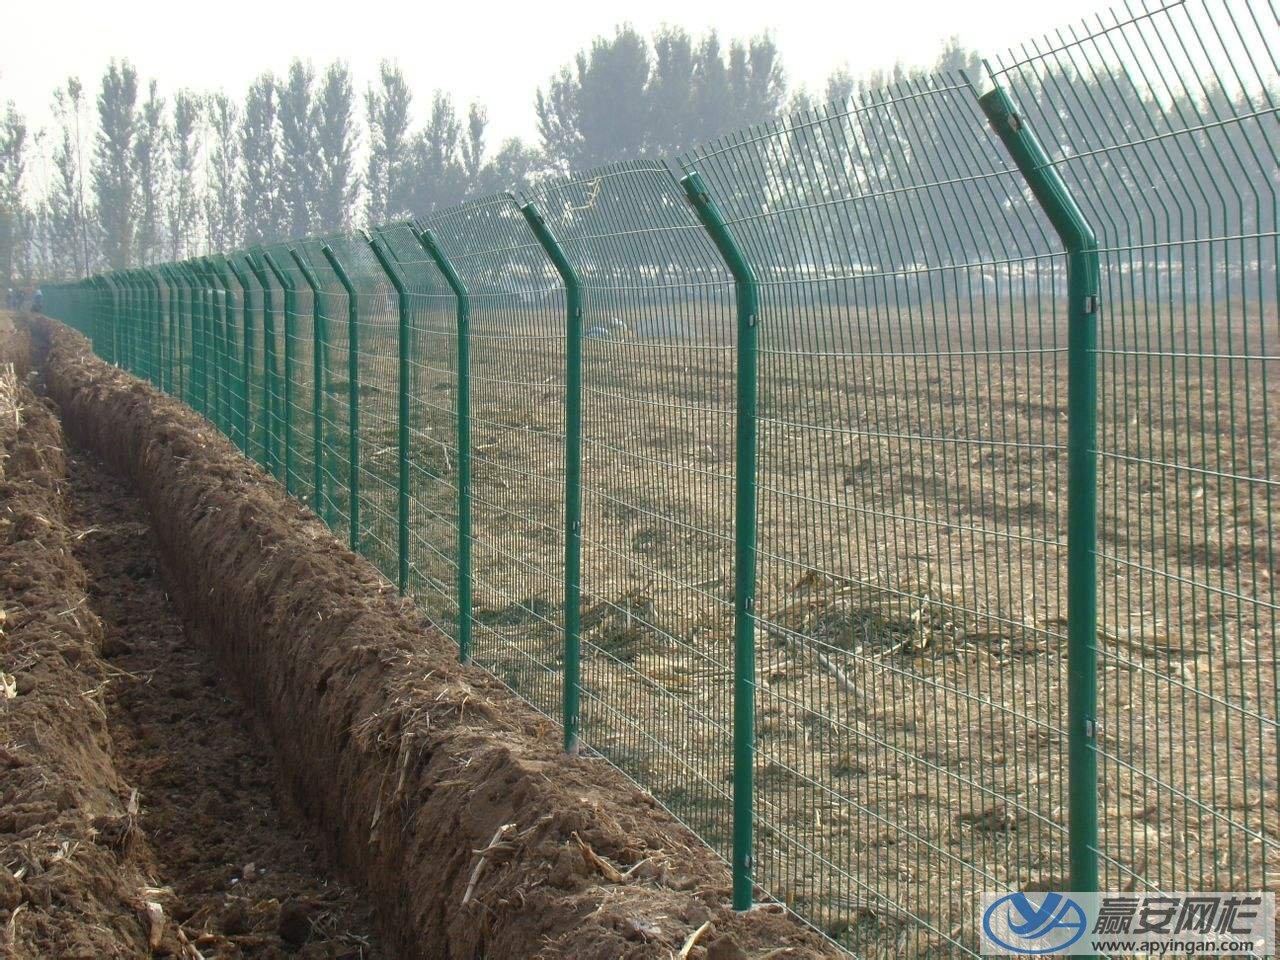 农田圈地<a href='https://www.apyingan.com/tiesiwang' target='_blank'><u>铁丝网</u></a><a href='https://www.apyingan.com/' target='_blank'><u>围栏</u></a>